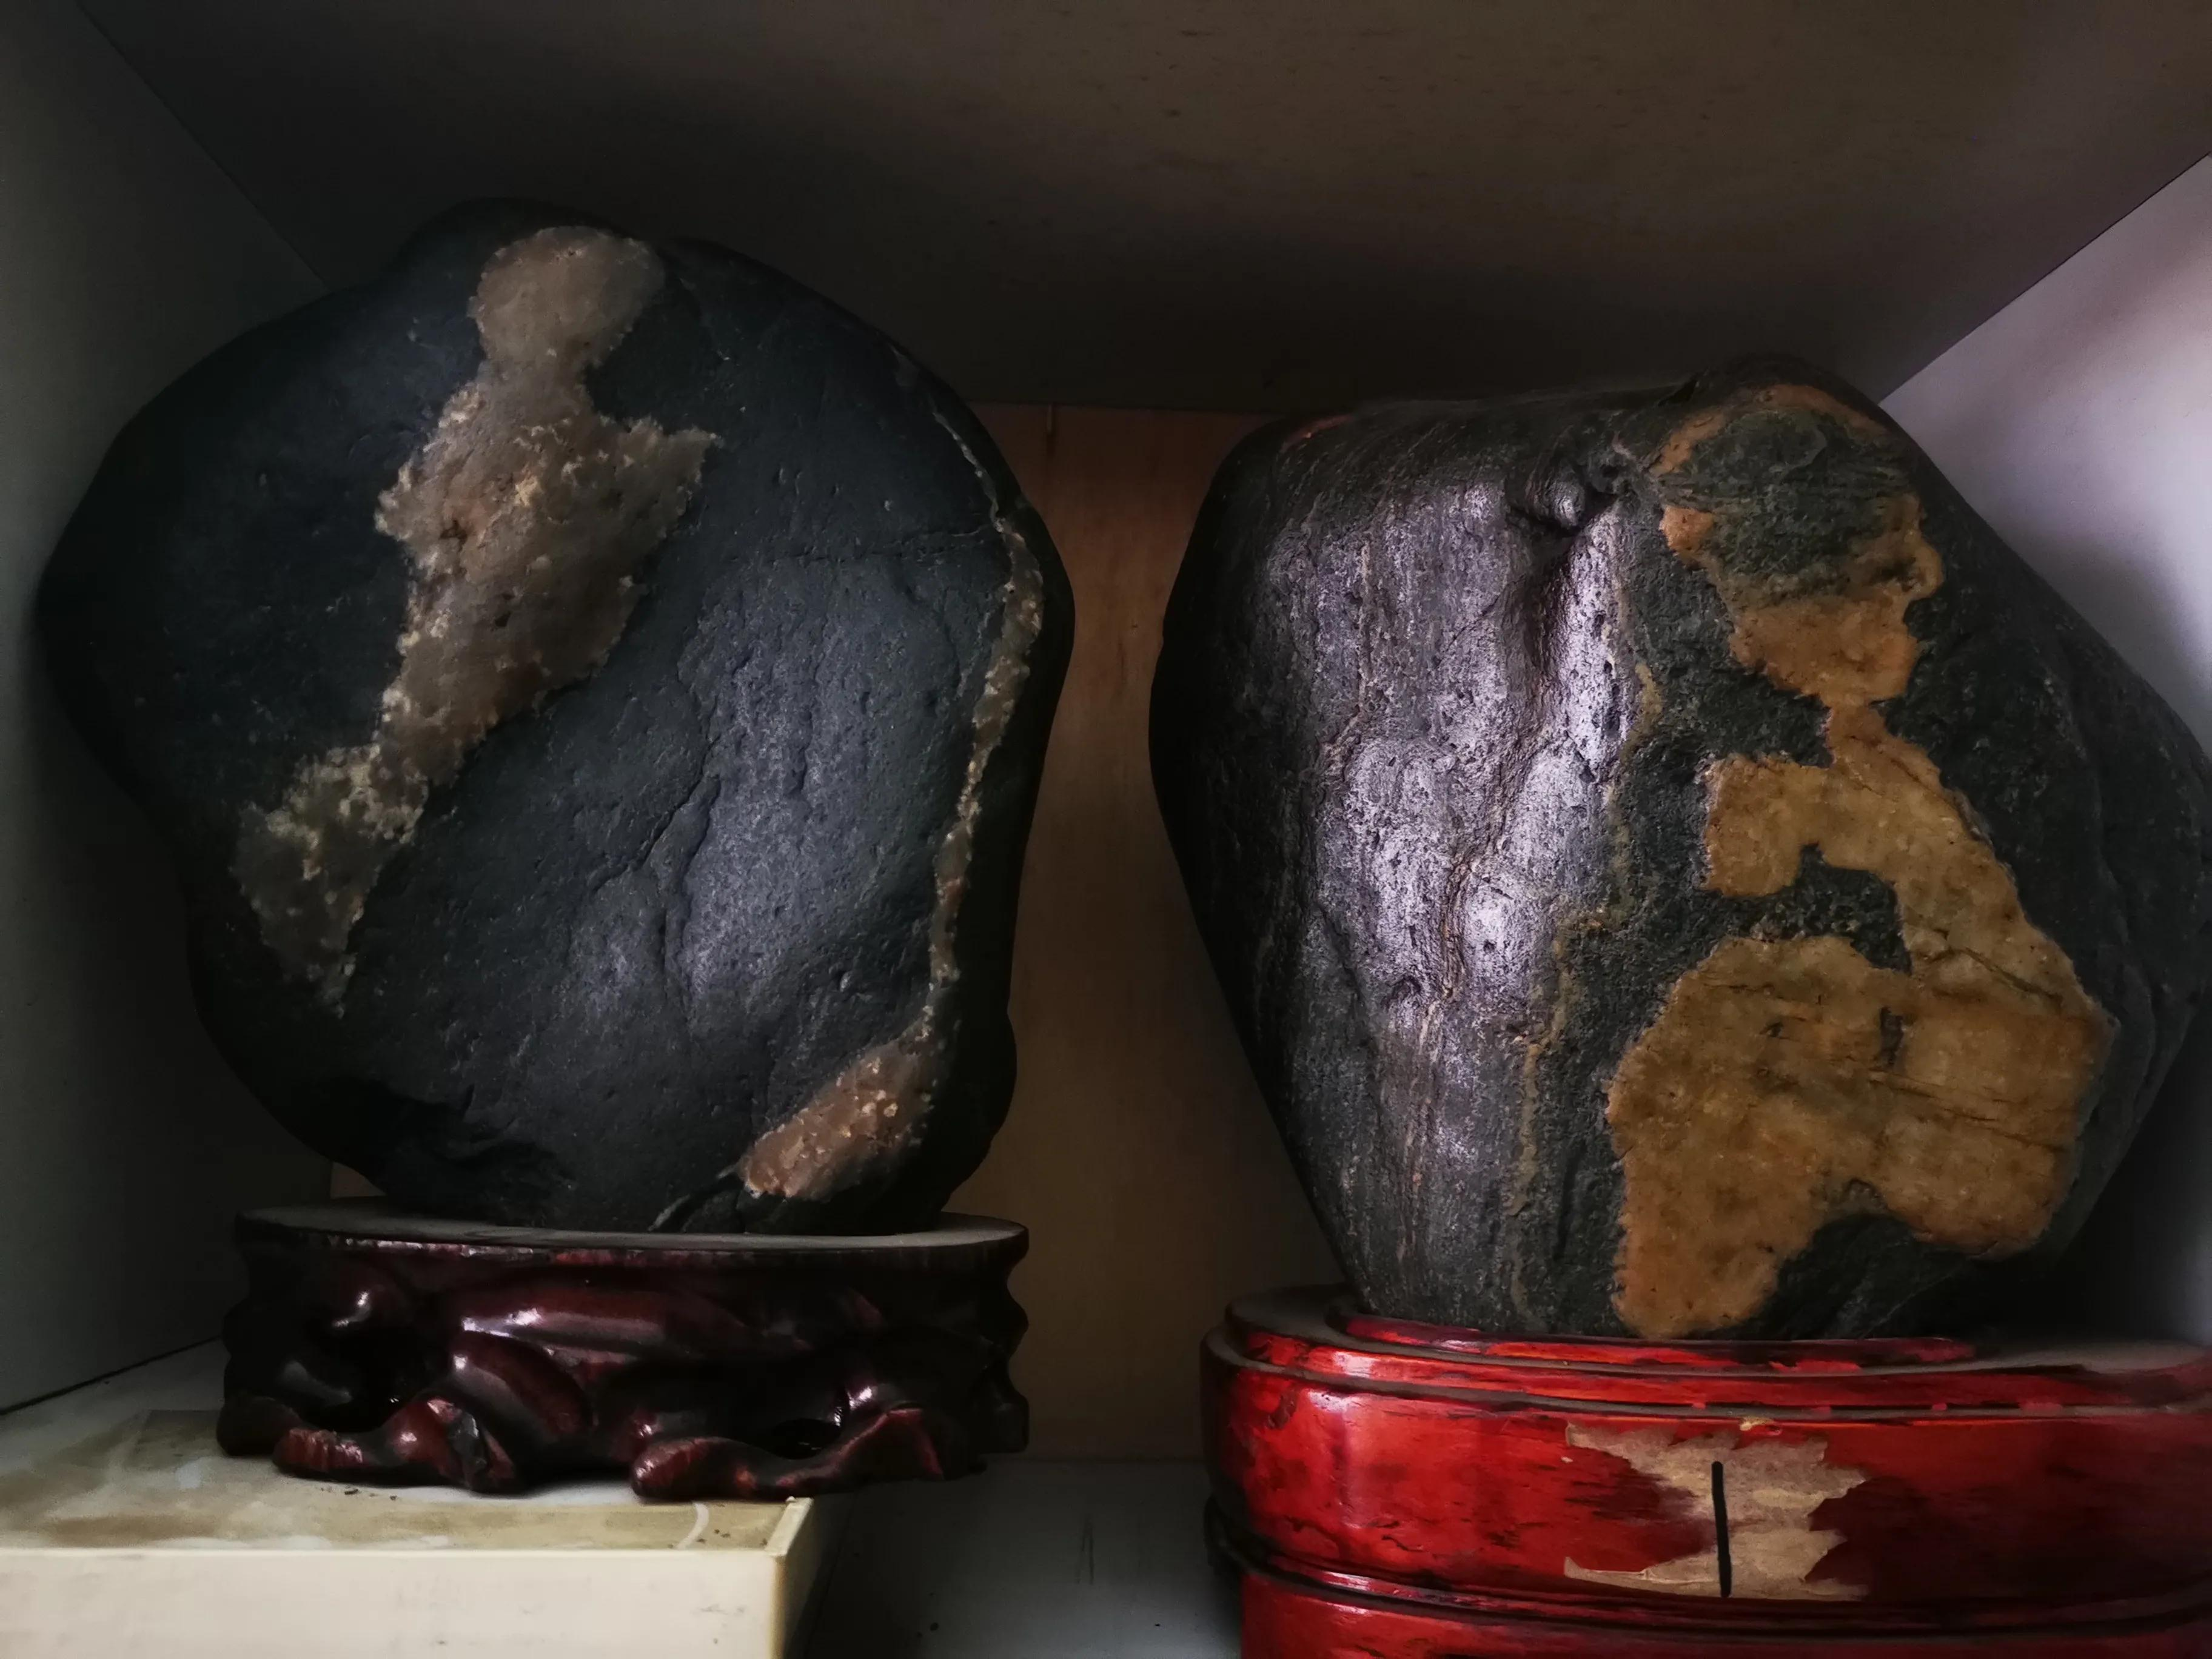 中华网生活频道副总监广龙参观凌振奇奇石艺术馆